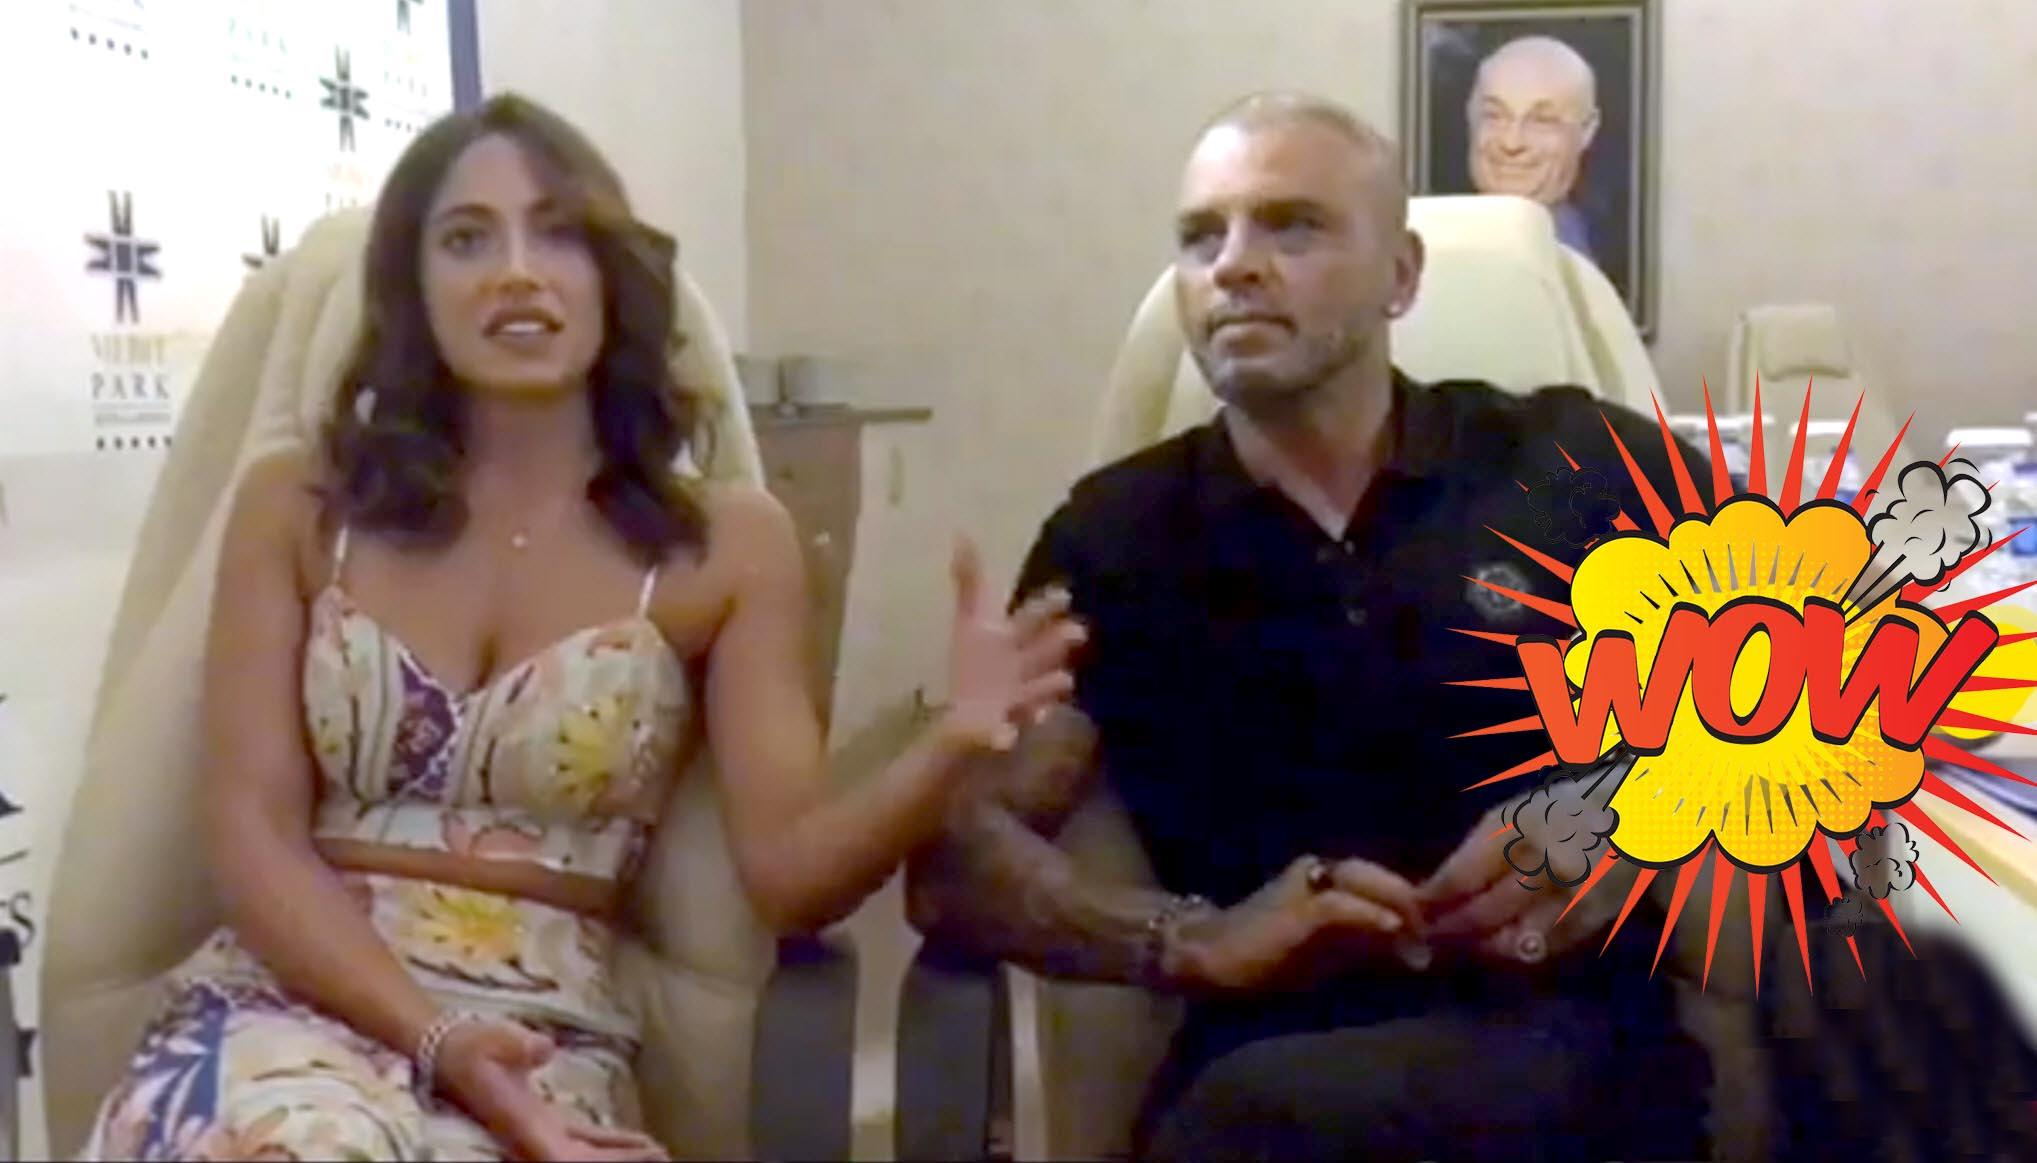 הצצה: דניאל גרינברג בראיון ראשון על הצעת הנישואין של אייל גולן!